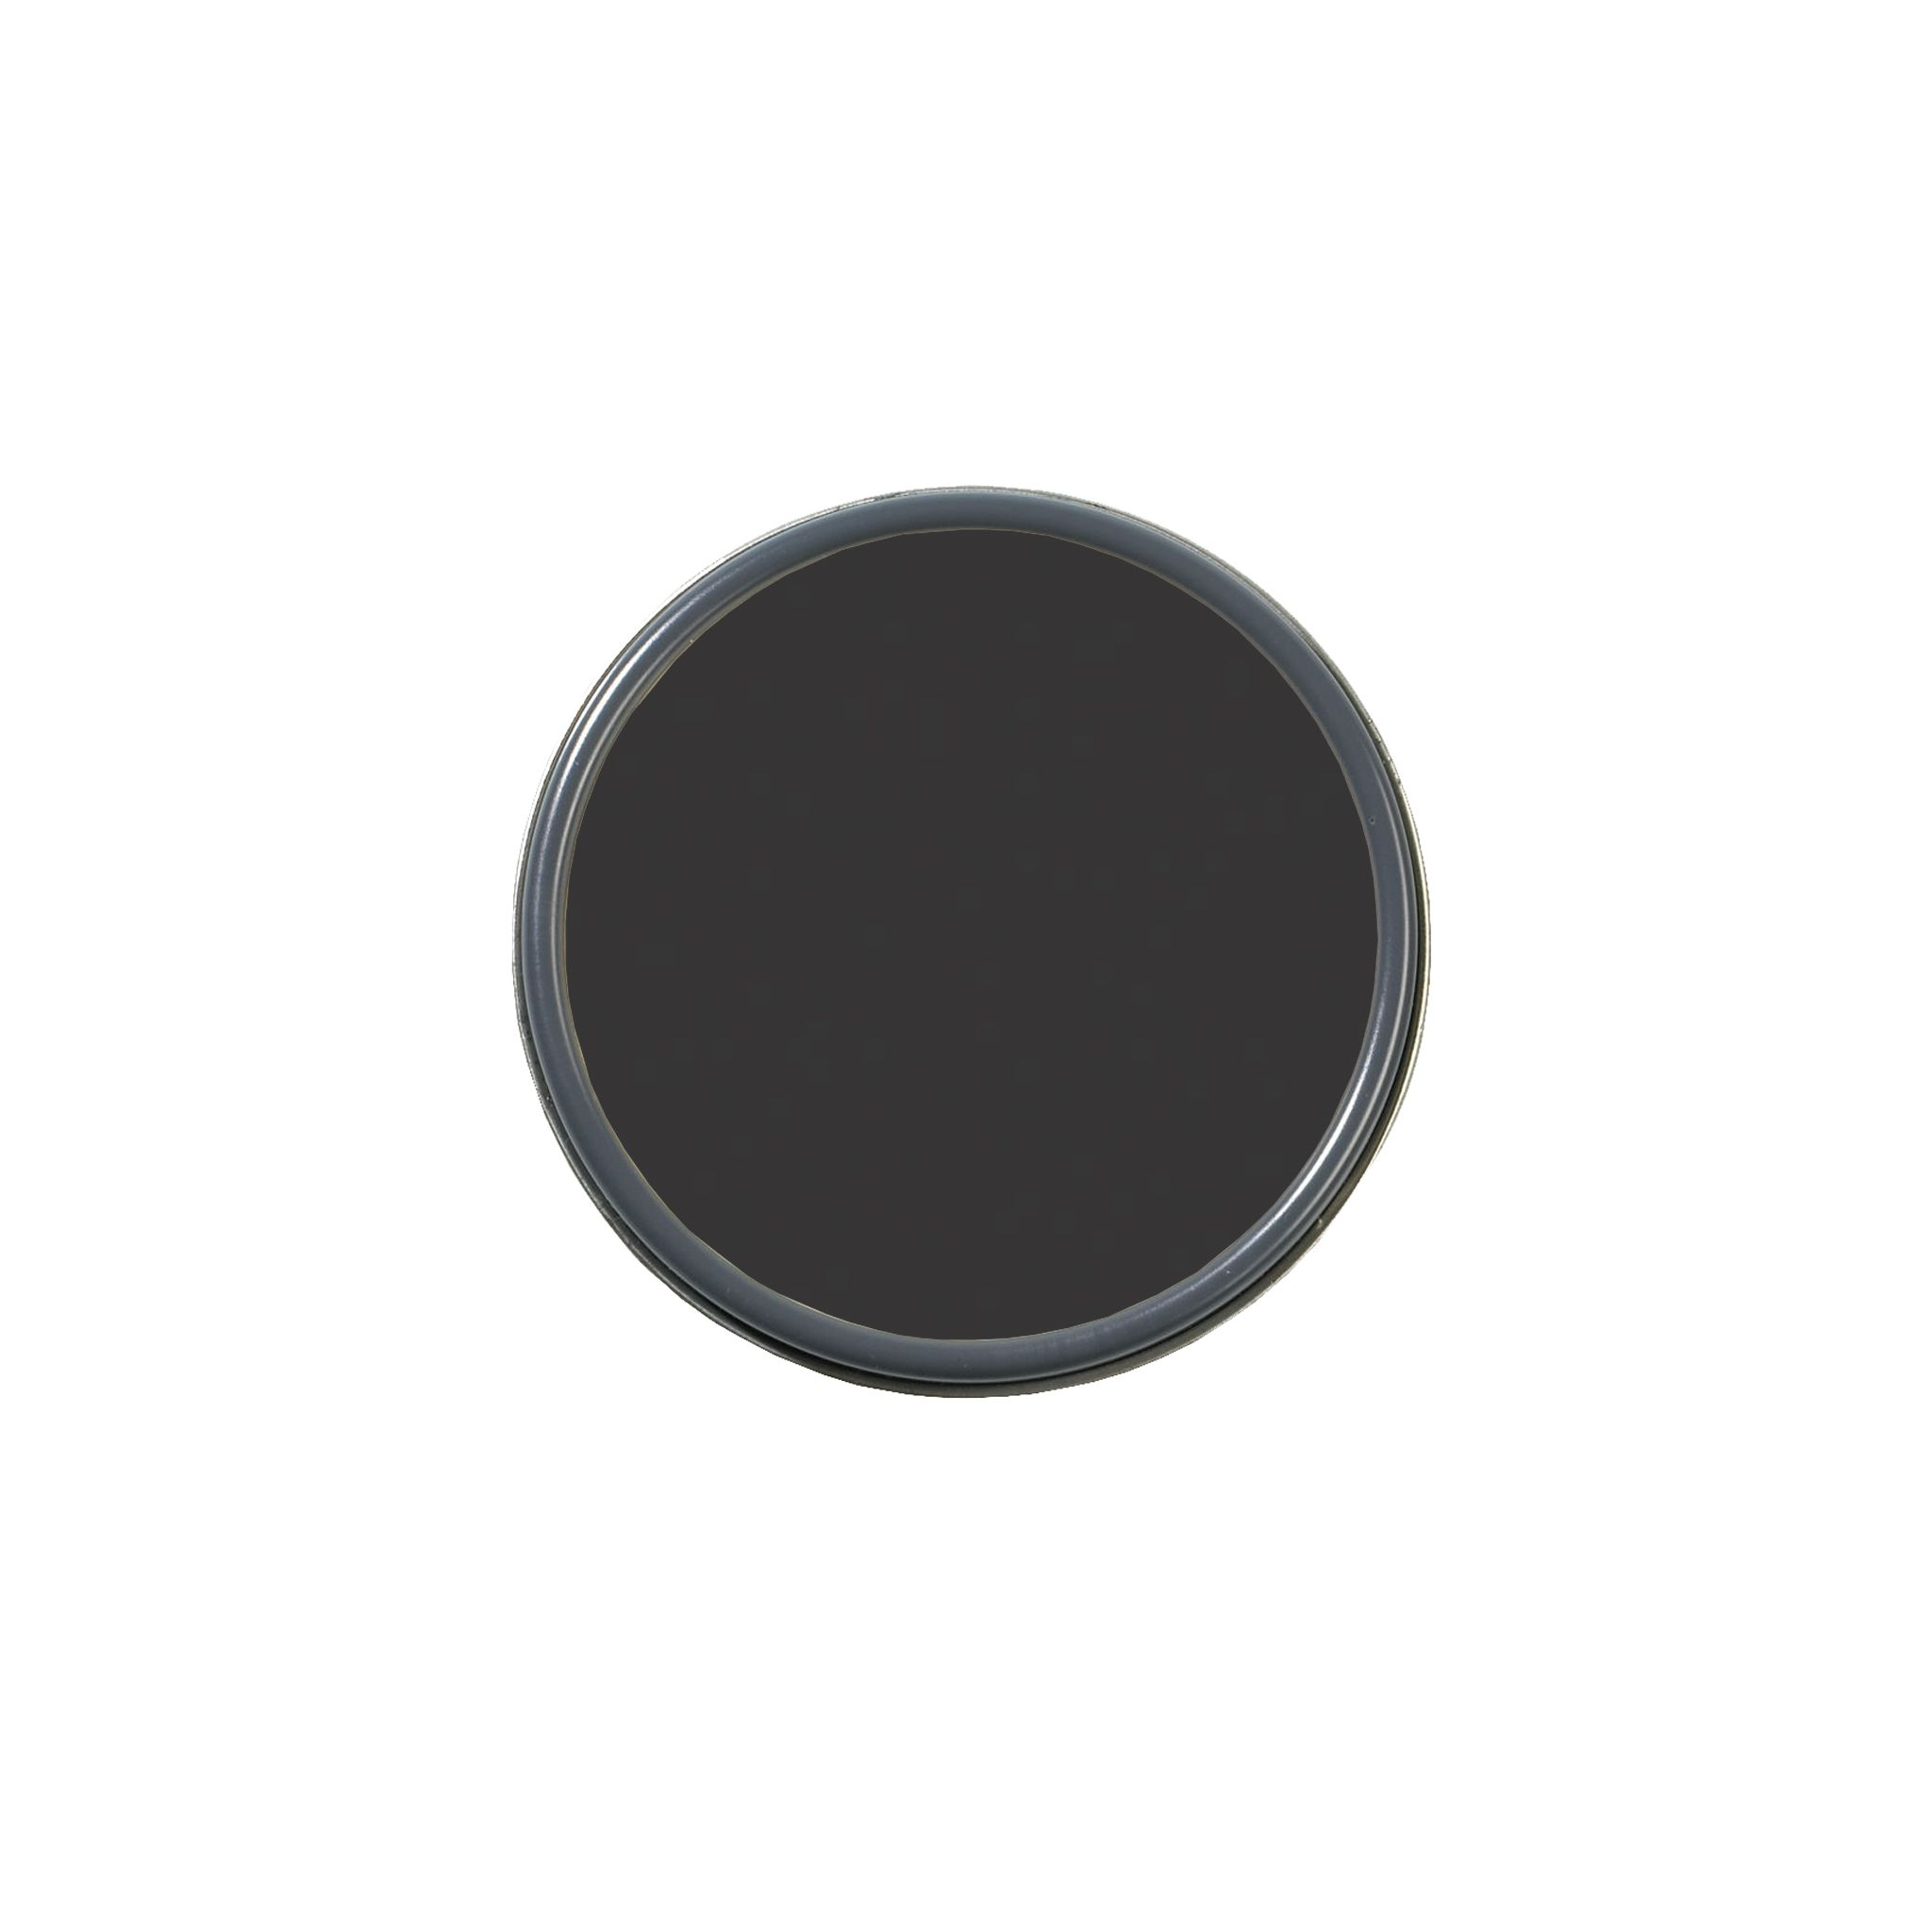 benjamin moore black onyx